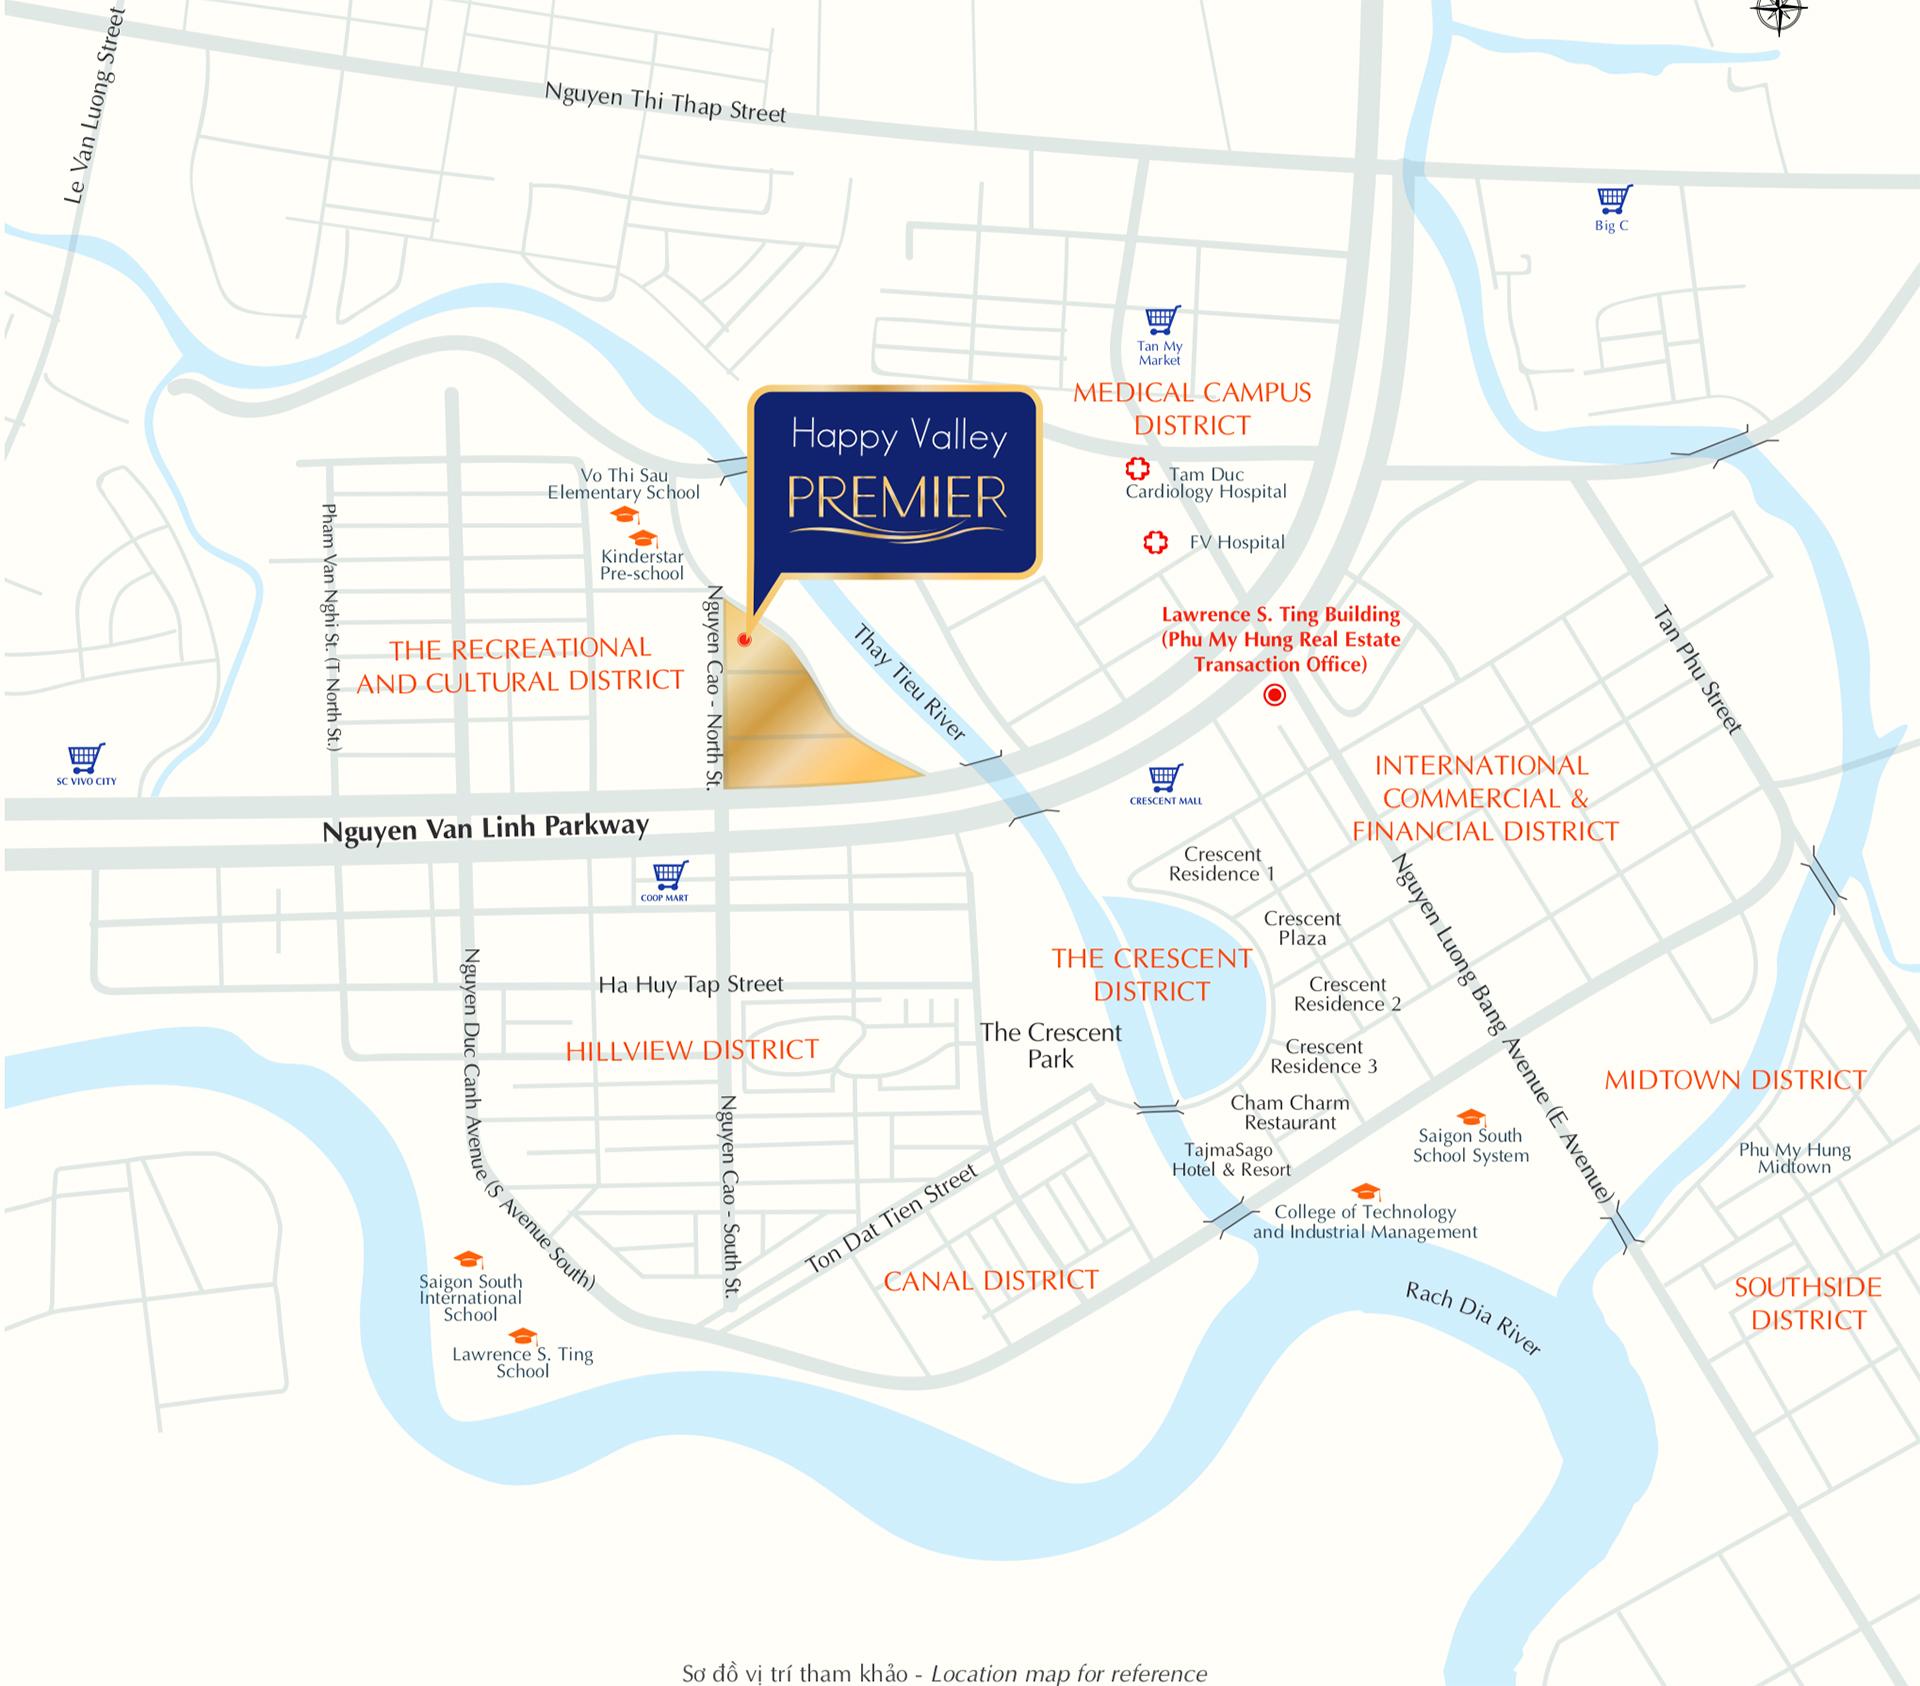 Dự án căn hộ chung cư Happy Valley Phú Mỹ Hưng Quận 7